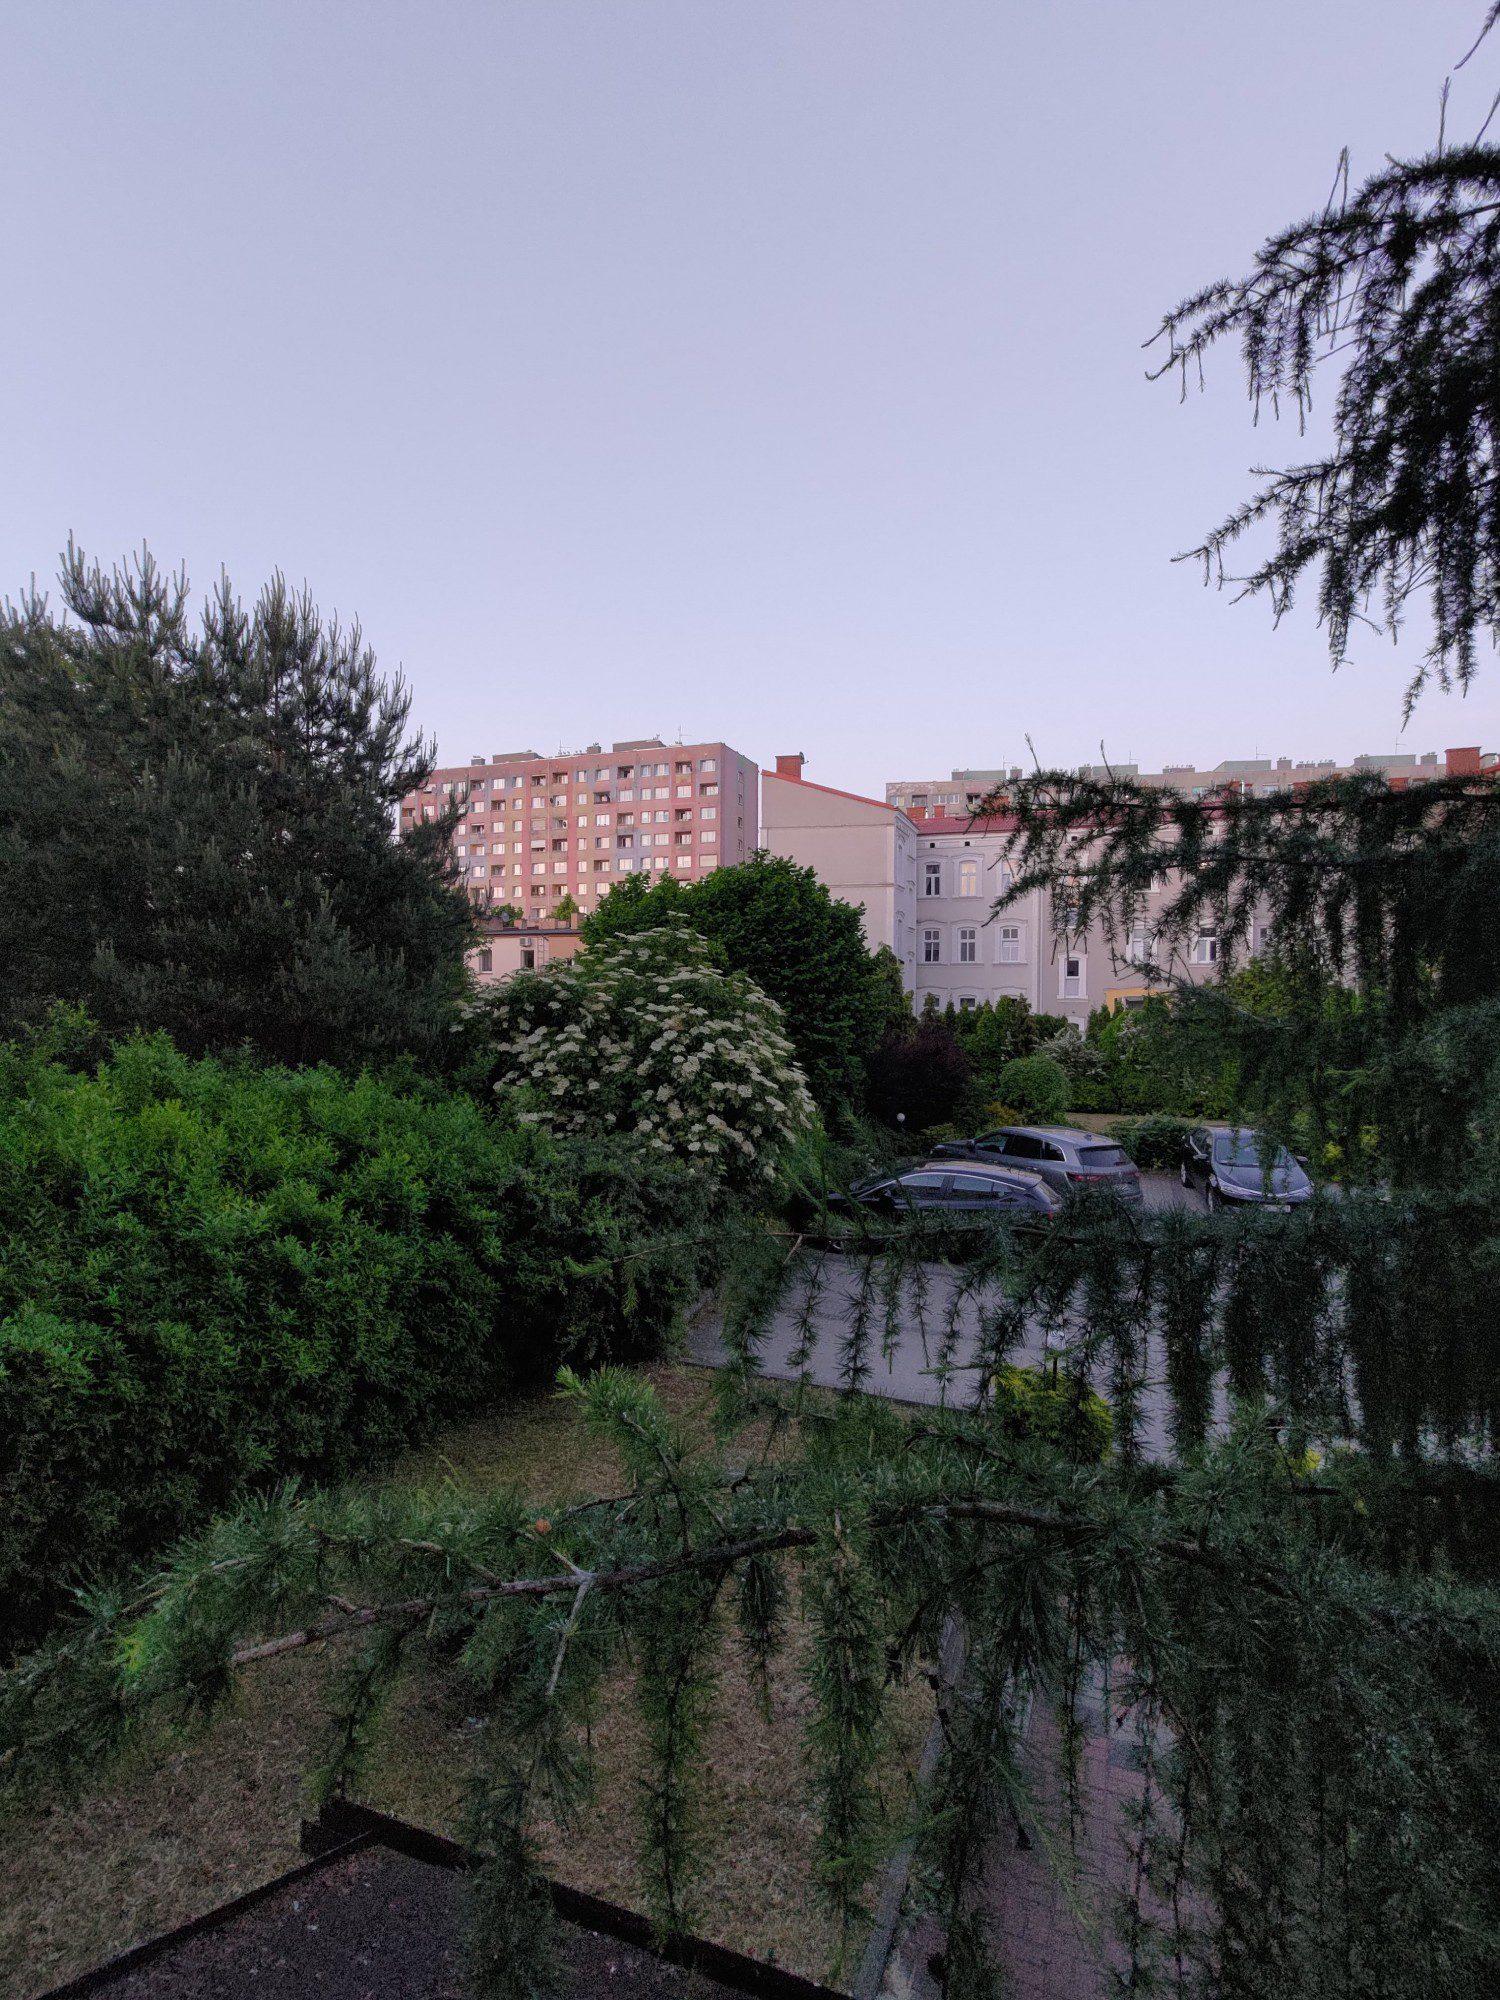 zdjęcie szerokokątne bloków